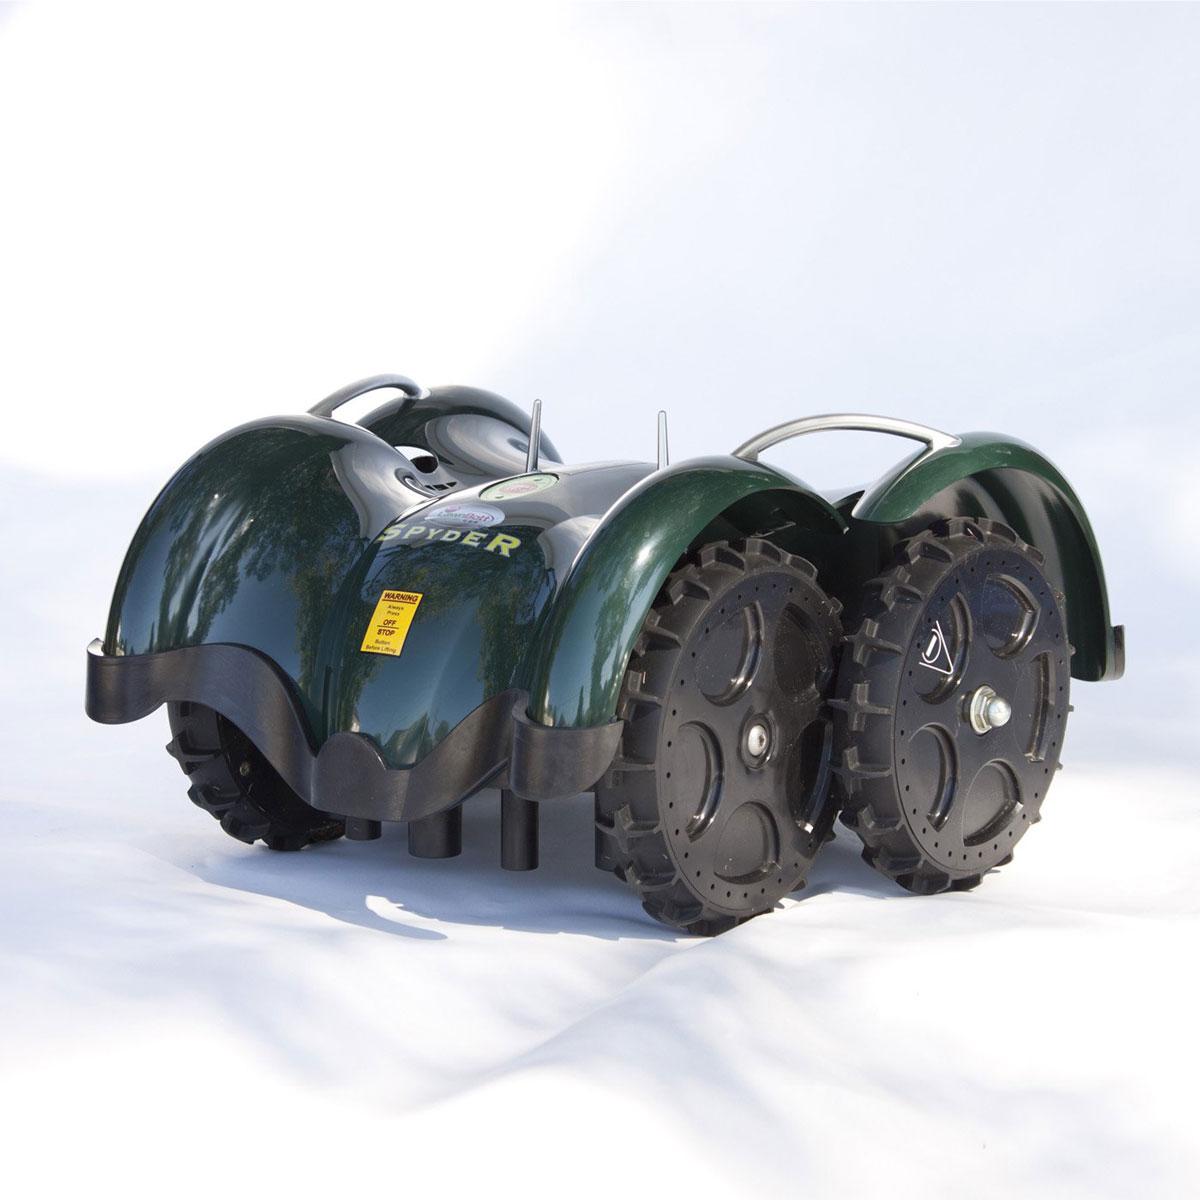 Lawnbott Spyderevo Robotic Lawn Mower The Green Head